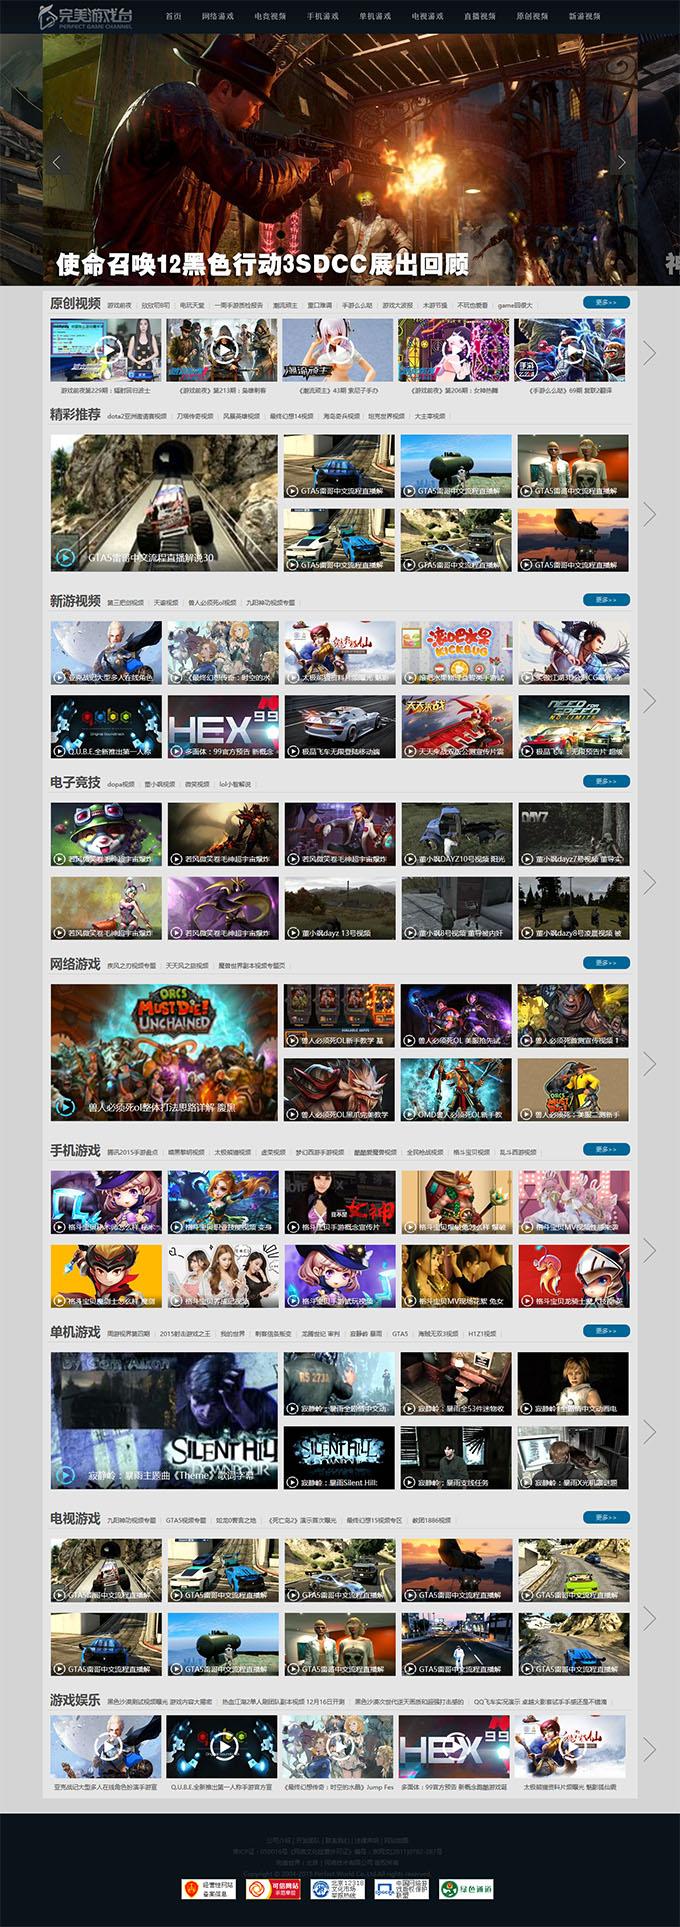 帝国CMS游戏视频门户模板,帝国92kaifa热门游戏视频网站源码